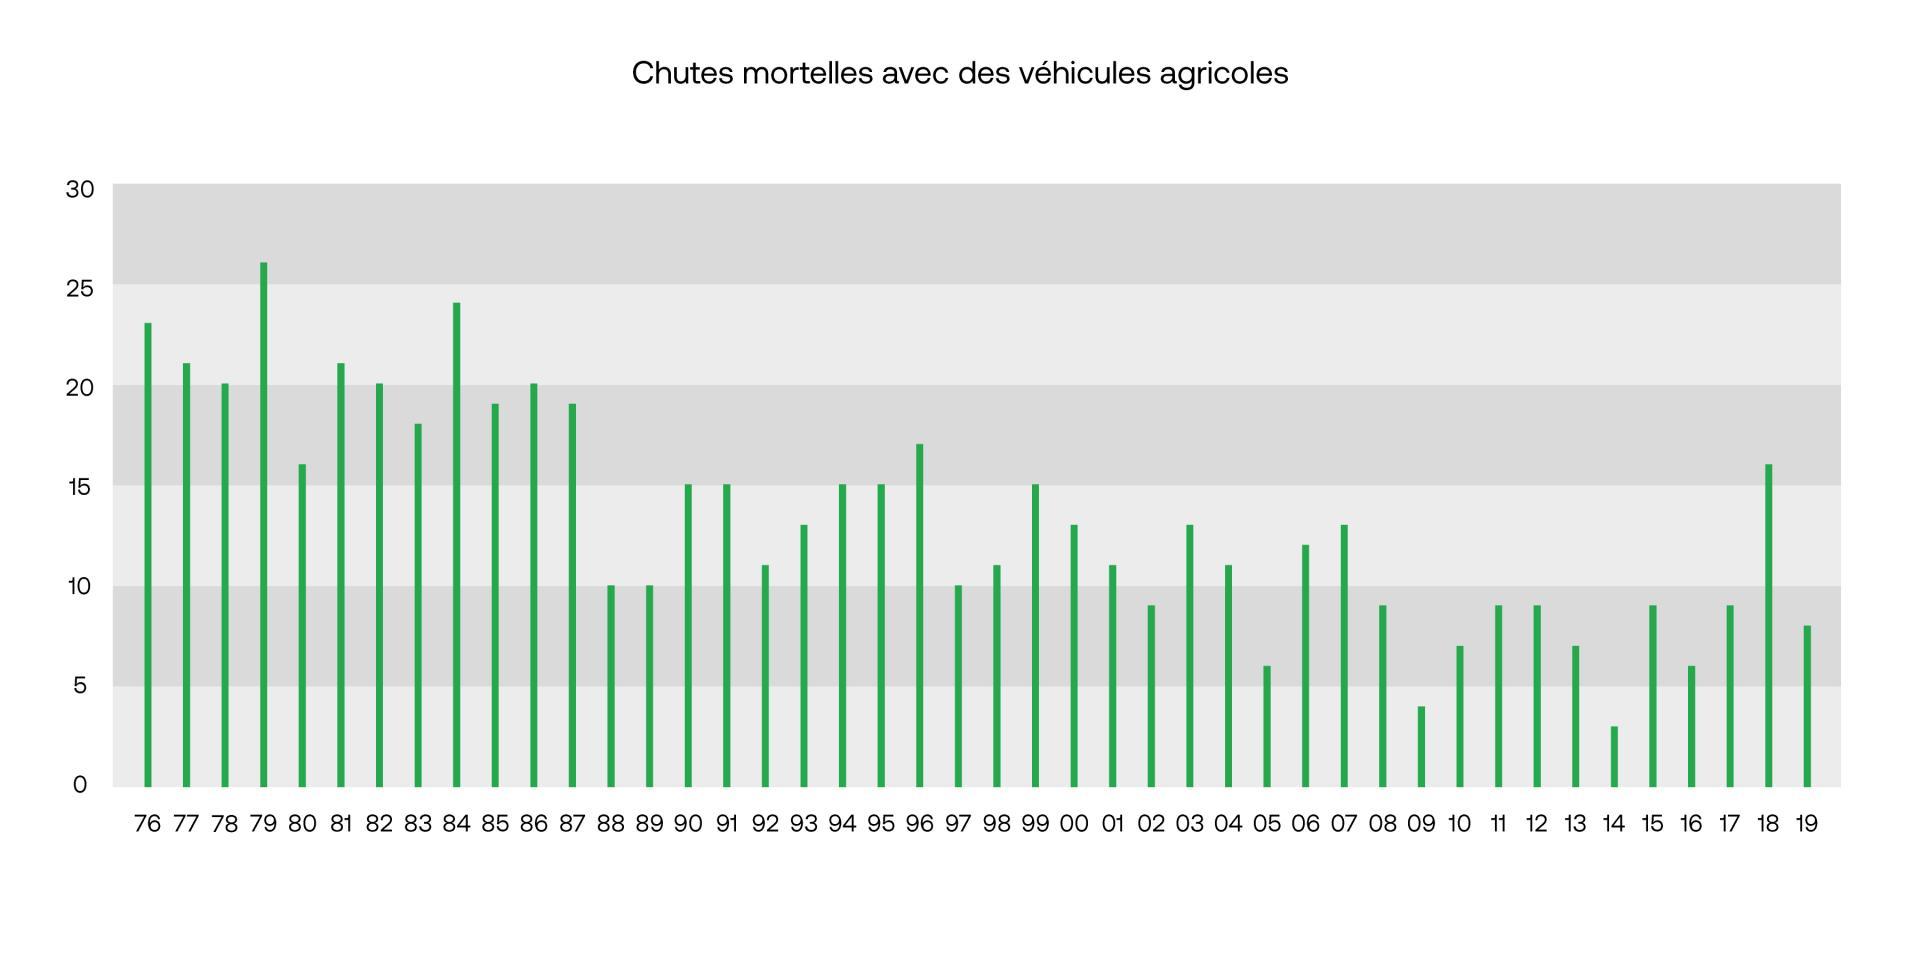 Agriculture accidents mortels avec les vehicules